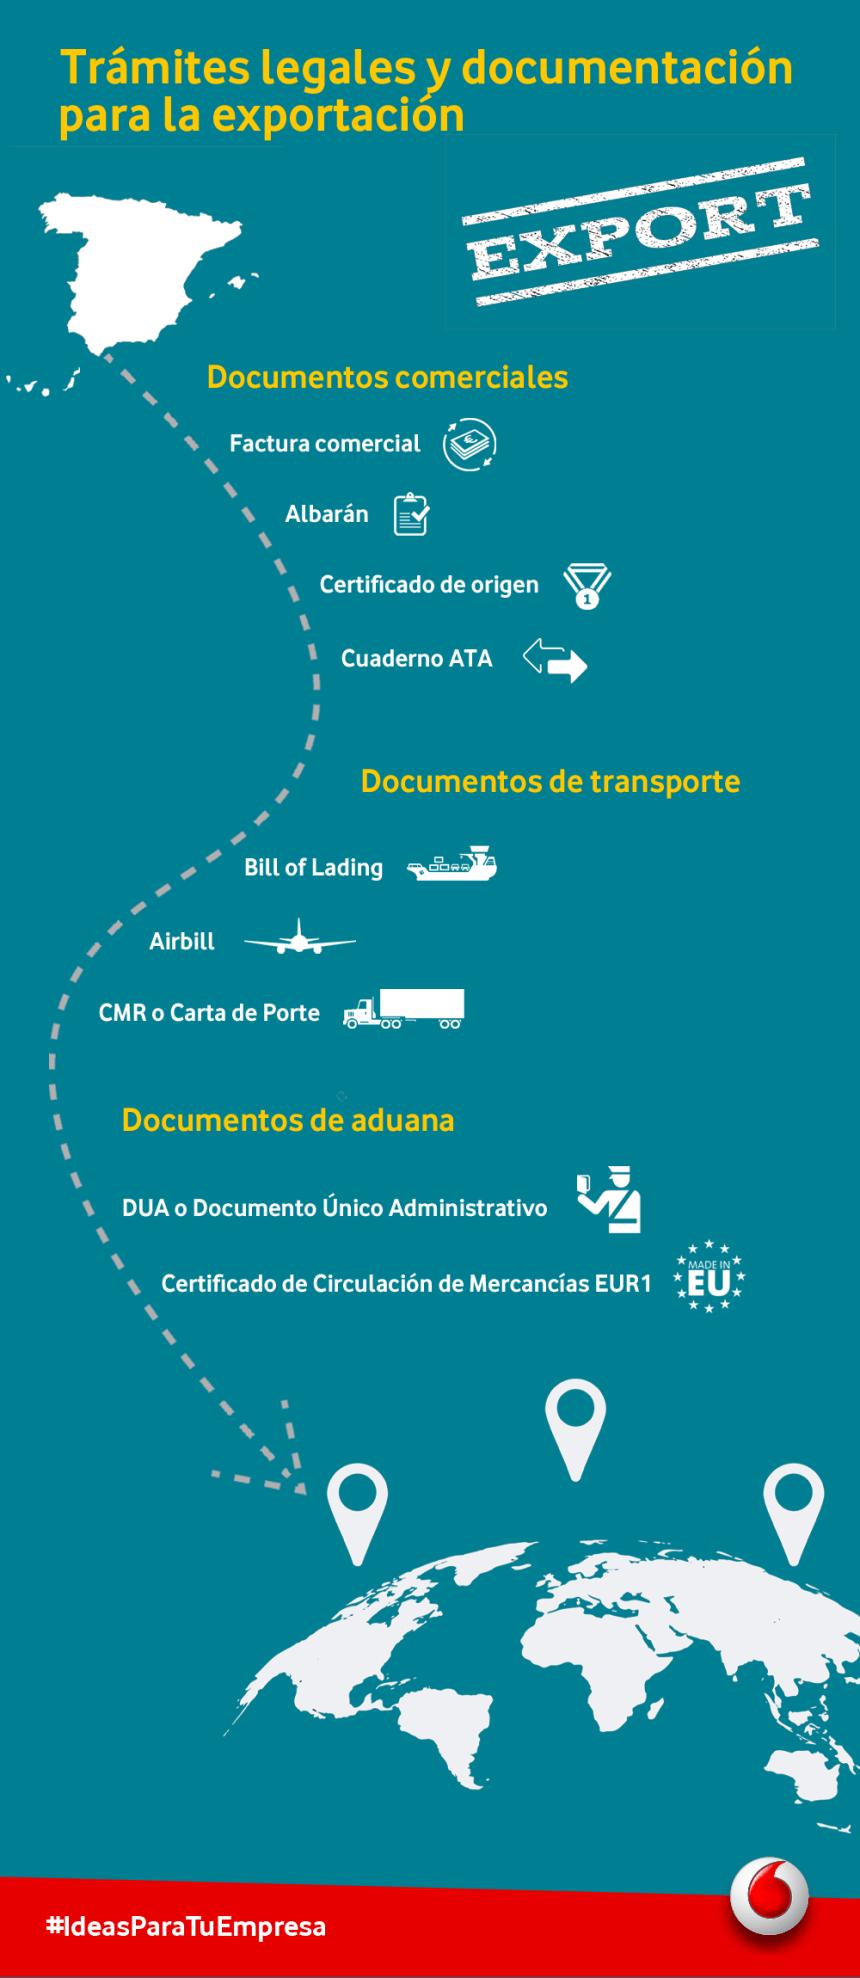 Exportación: Trámites legales y documentación necesaria